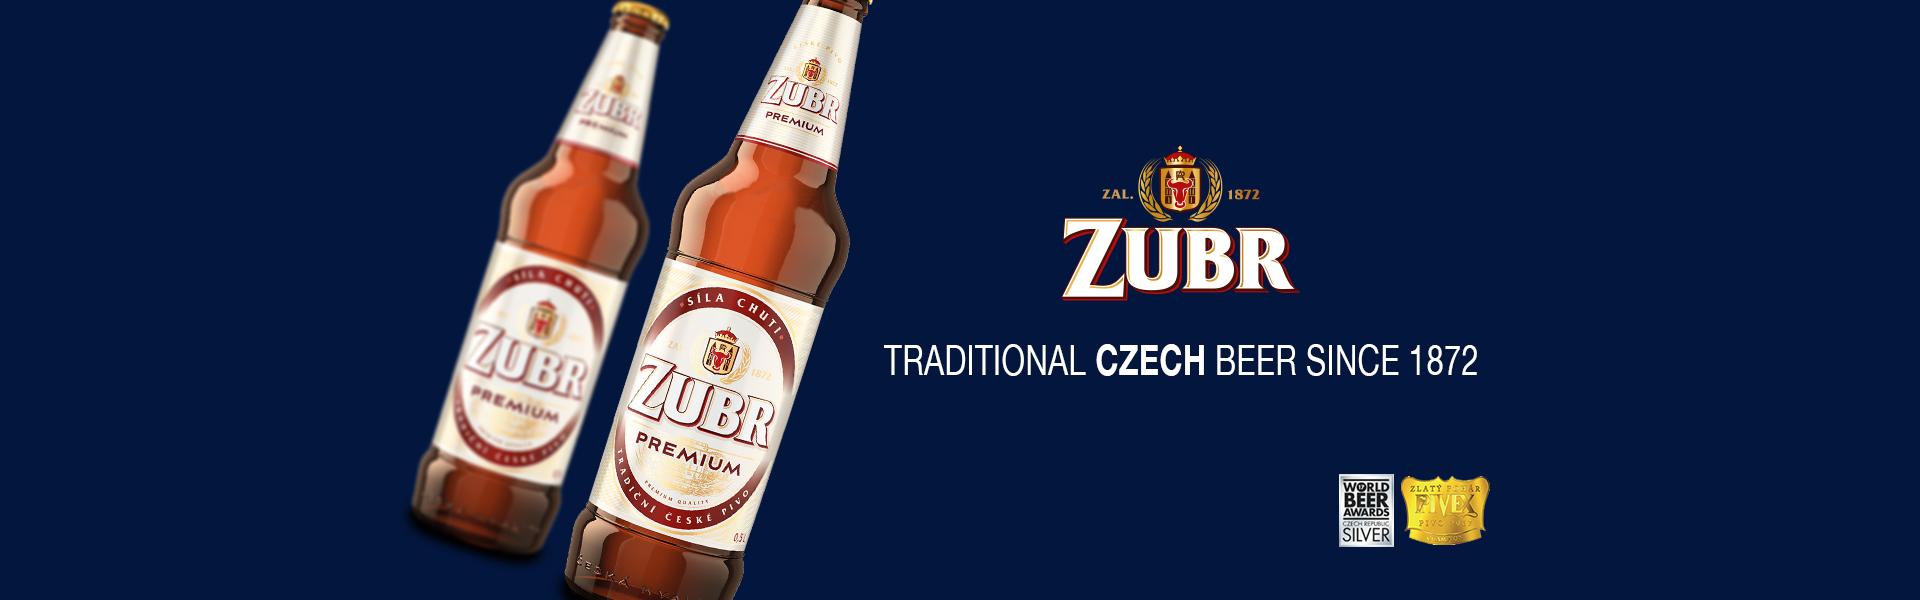 ZUBR Premium – Prisbelönt tjeck med traditioner lanseras på Systembolaget